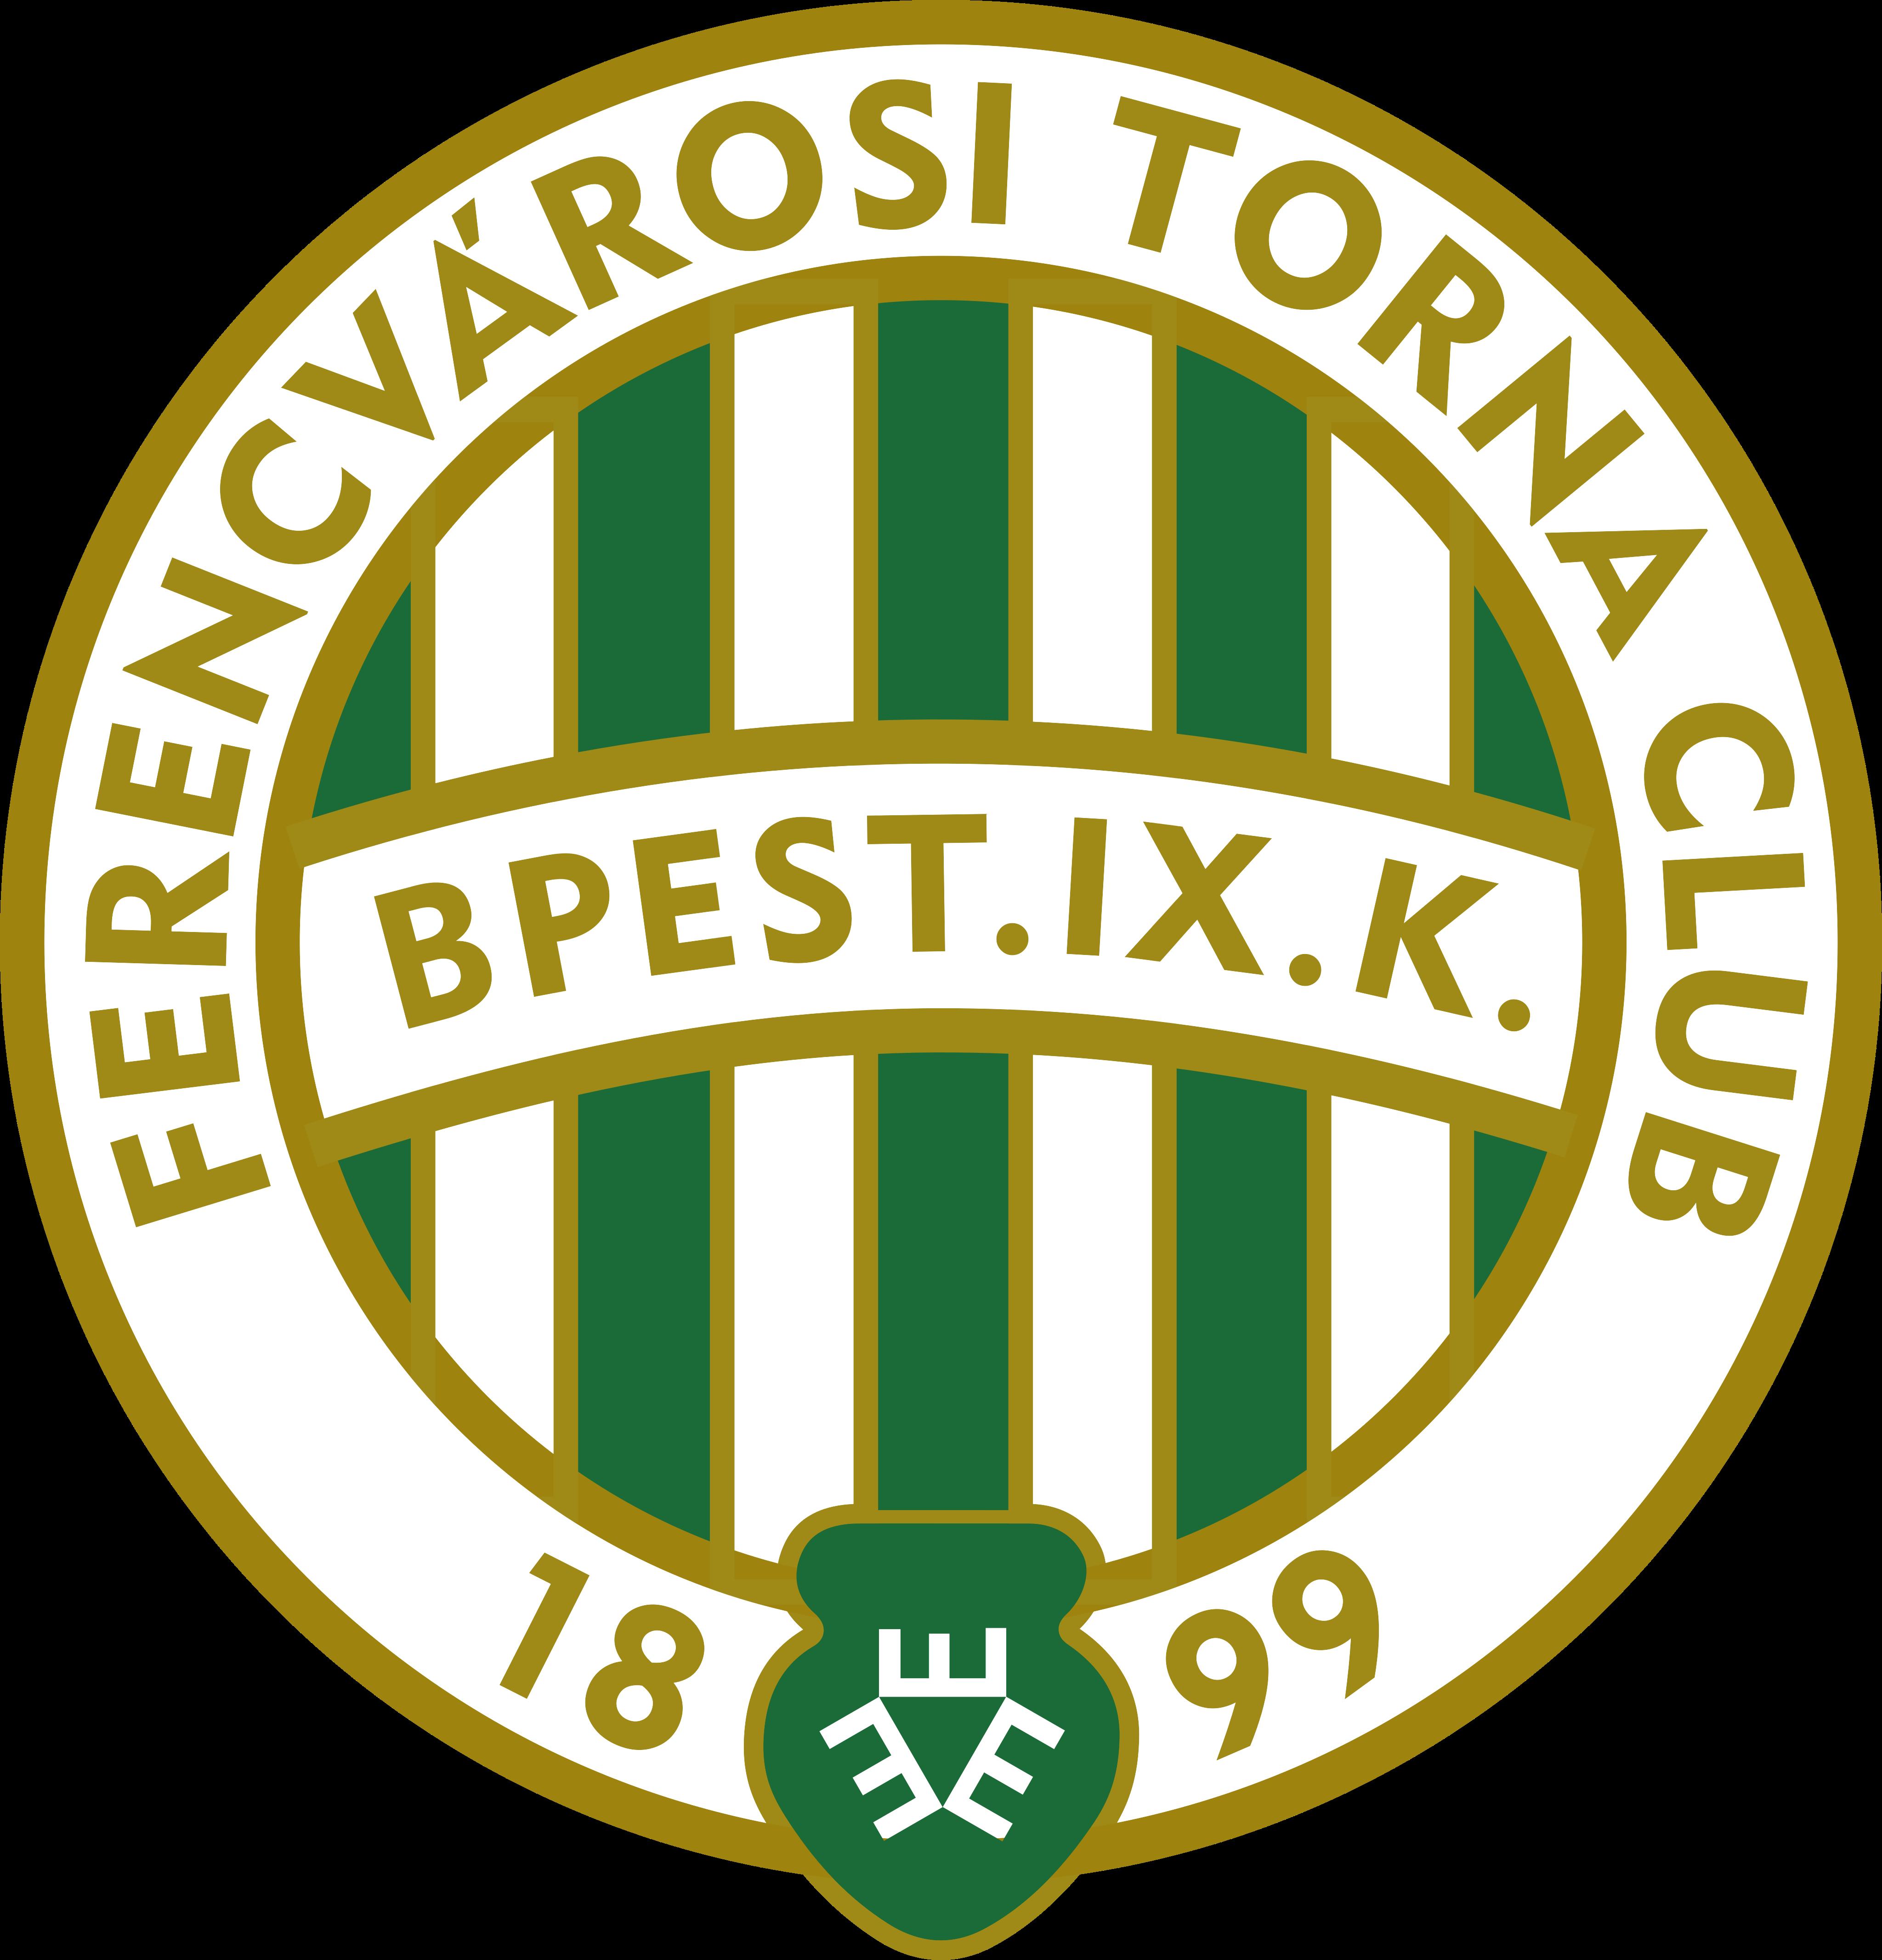 ferencvarosi torna club logo 1 - Ferencvárosi Torna Club Logo